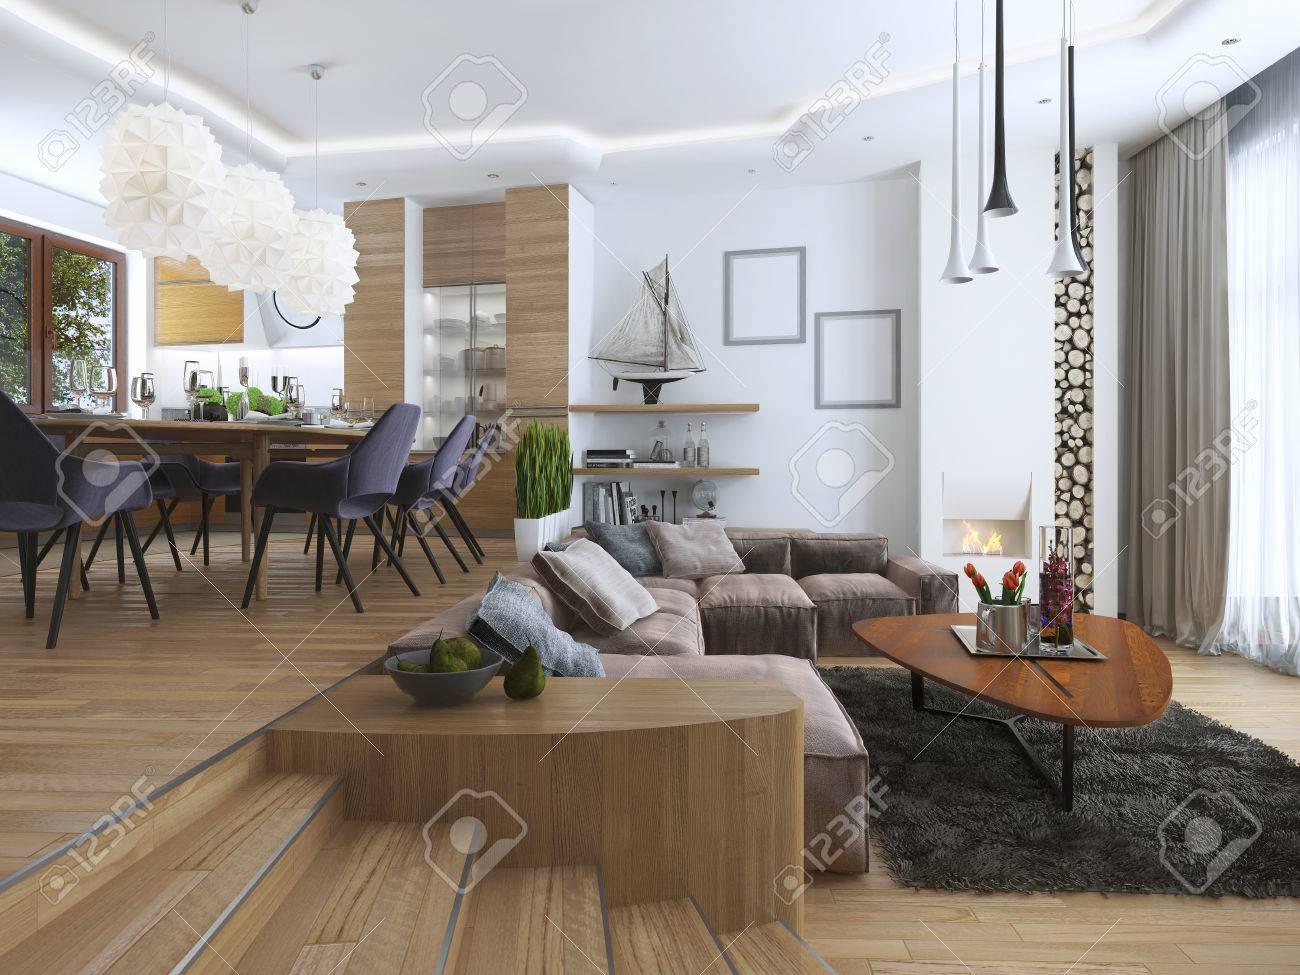 Hervorragend Standard Bild   Studio Wohnung Mit Wohnzimmer Und Esszimmer In Einem Modernen  Stil. Großes Sofa Mit Designer Kaffee Niedrigen Tisch Und Dekoration Auf  Den ...